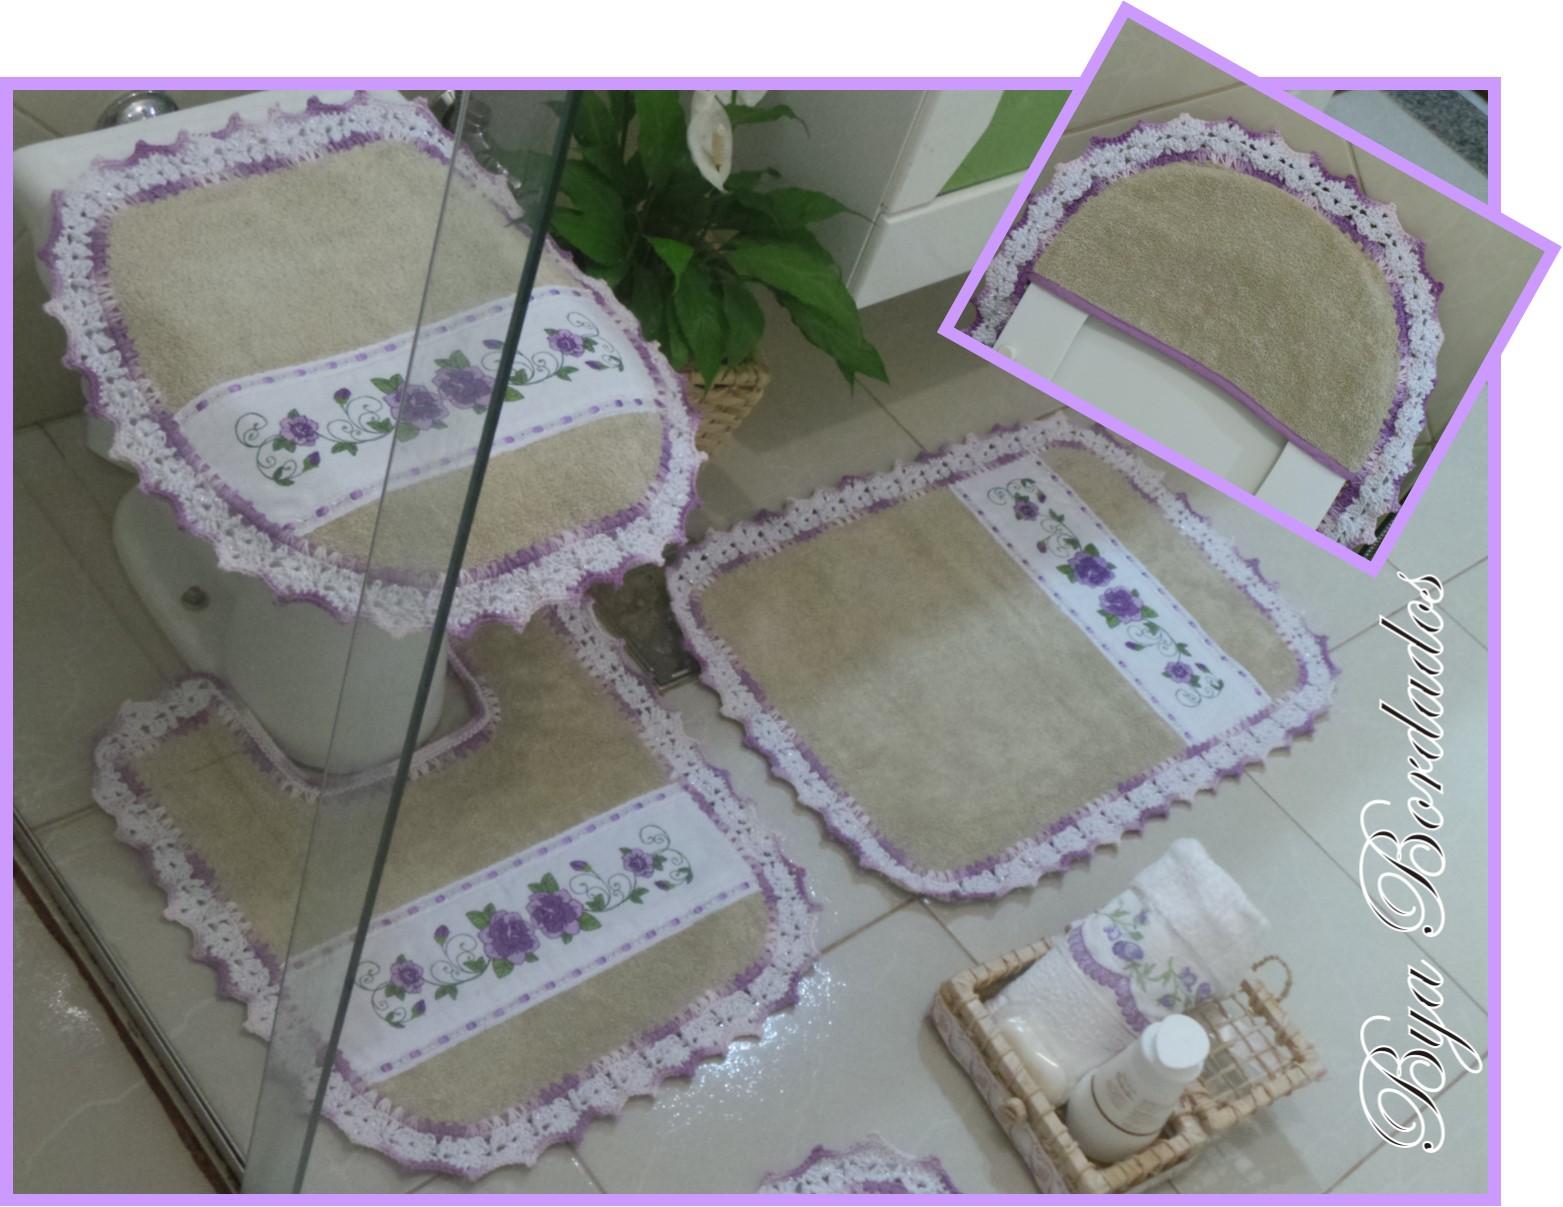 banheiro atoalhado 3 pecas piso de banheiro jogo tapete banheiro  #6A0FBC 1563 1207